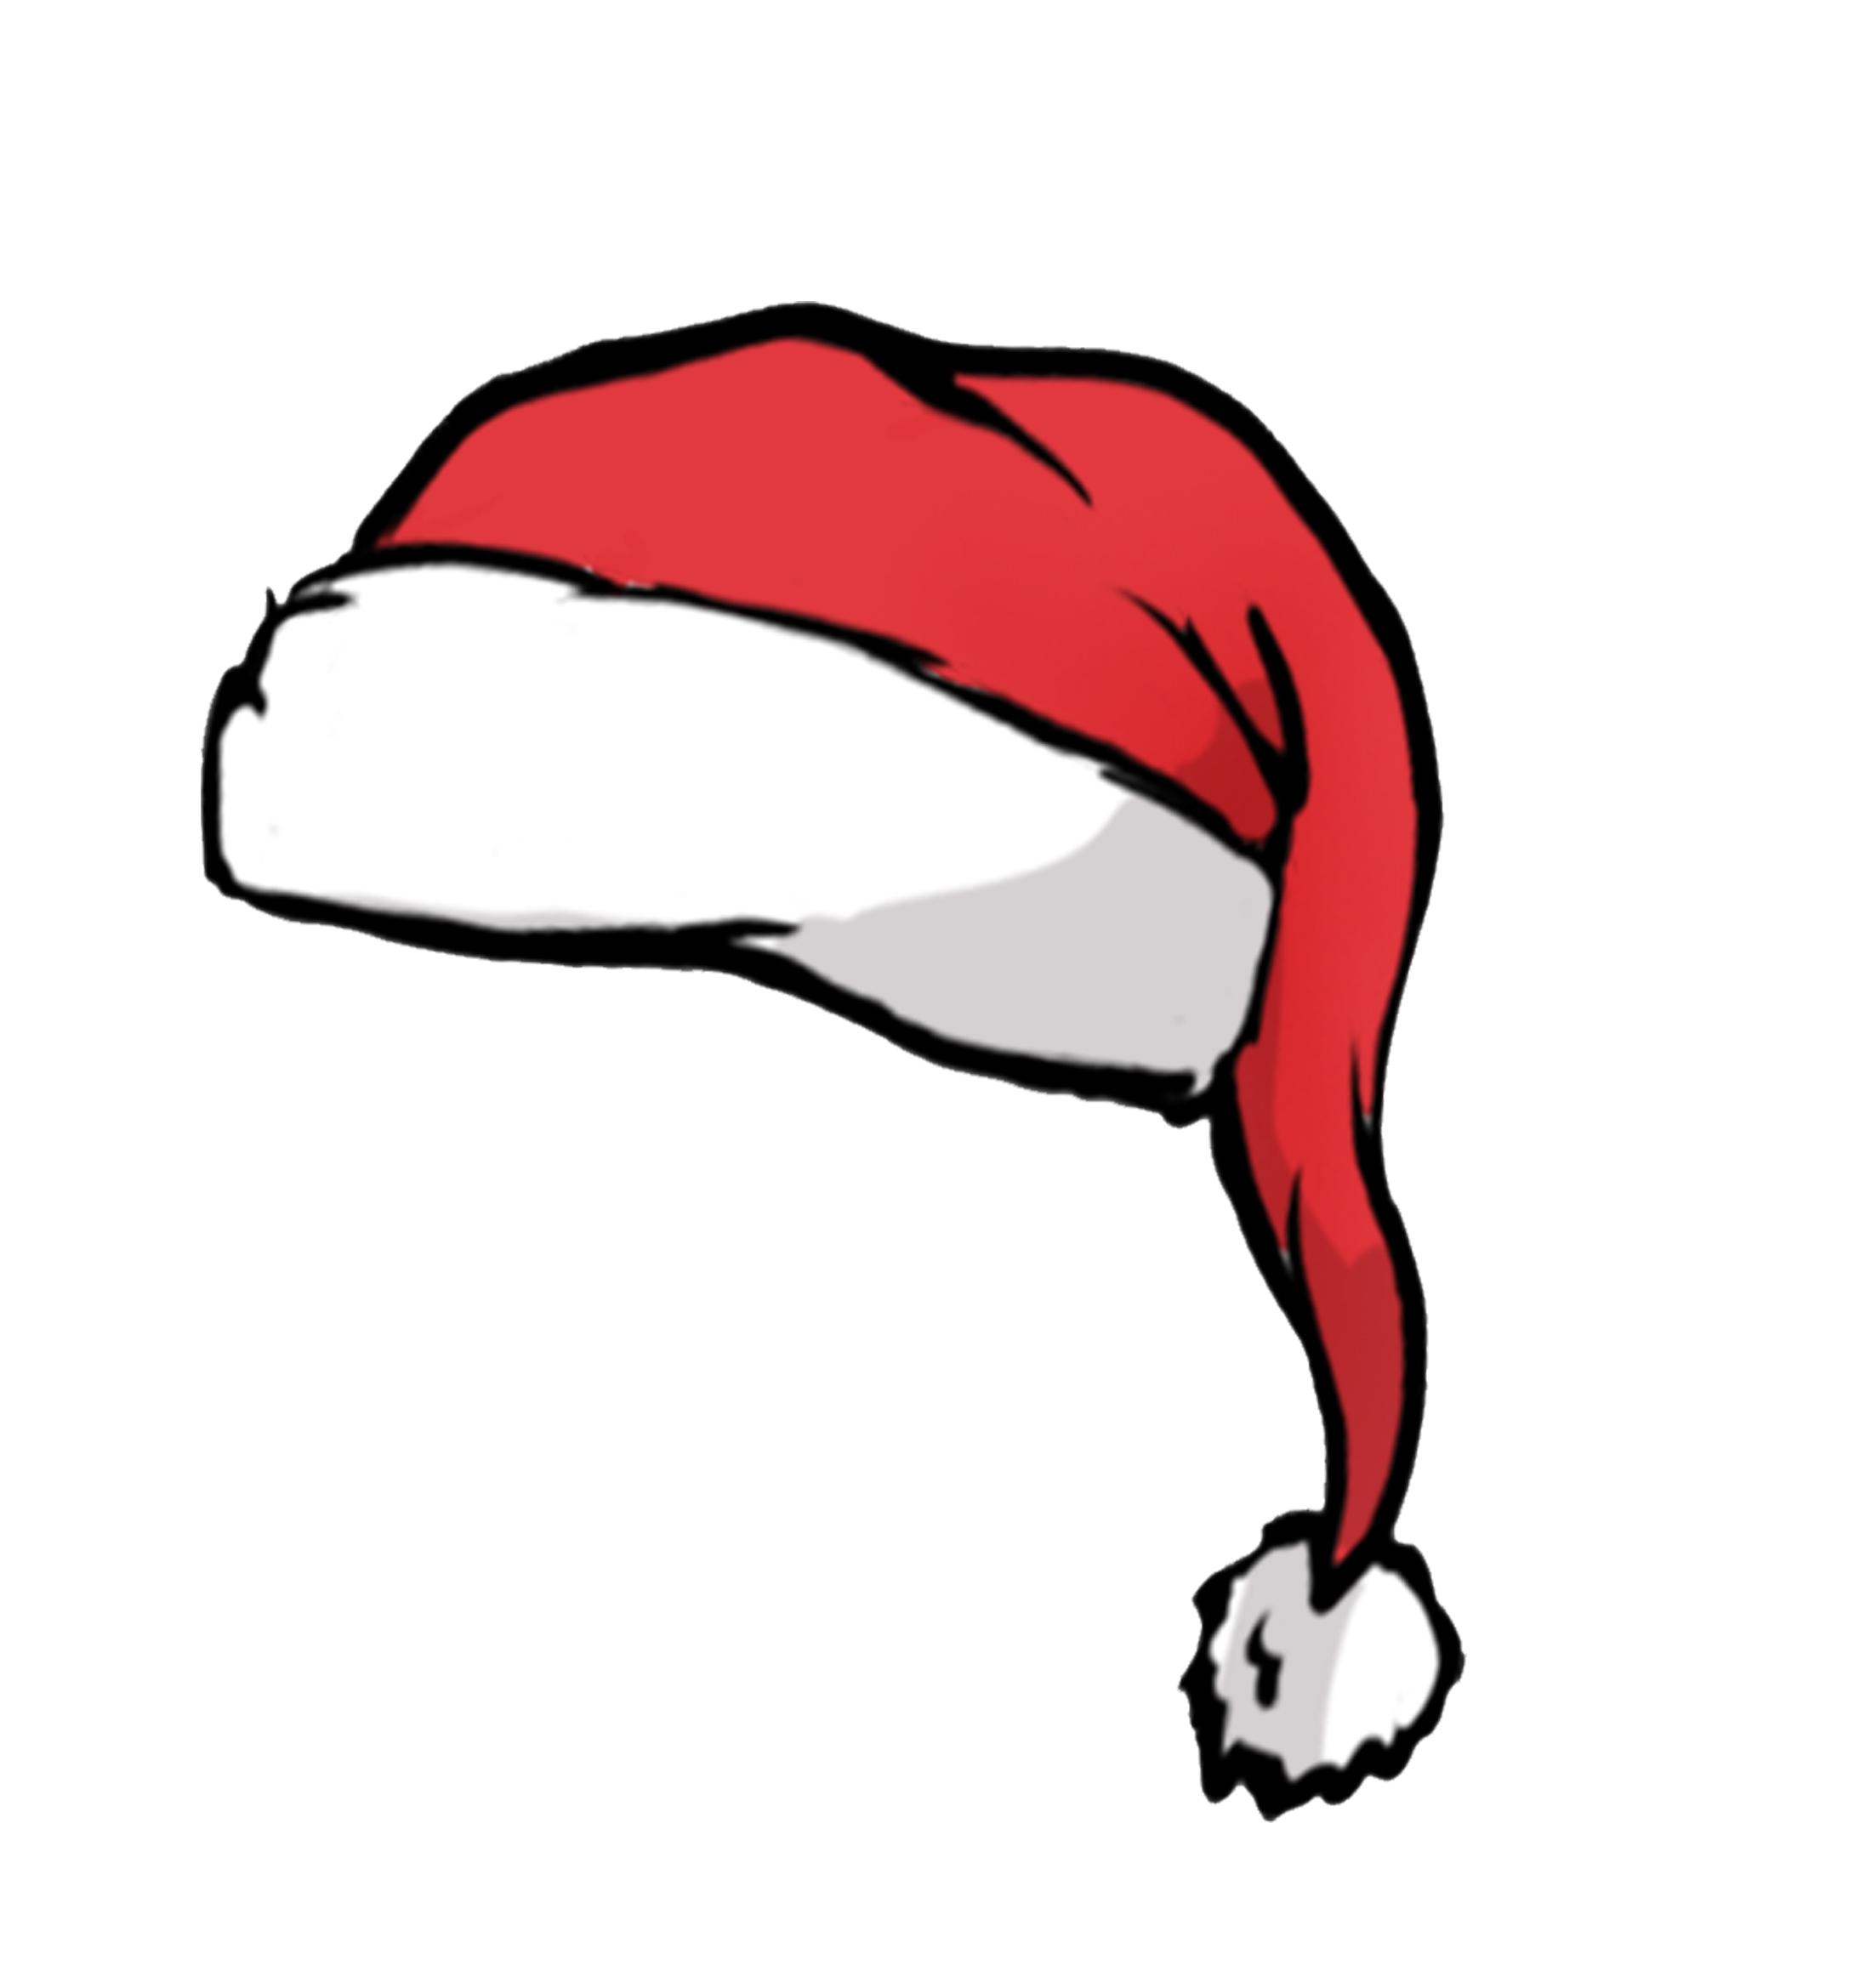 santa hat suit mascots rh mascots com santa hat cartoon pics santa hat cartoon png